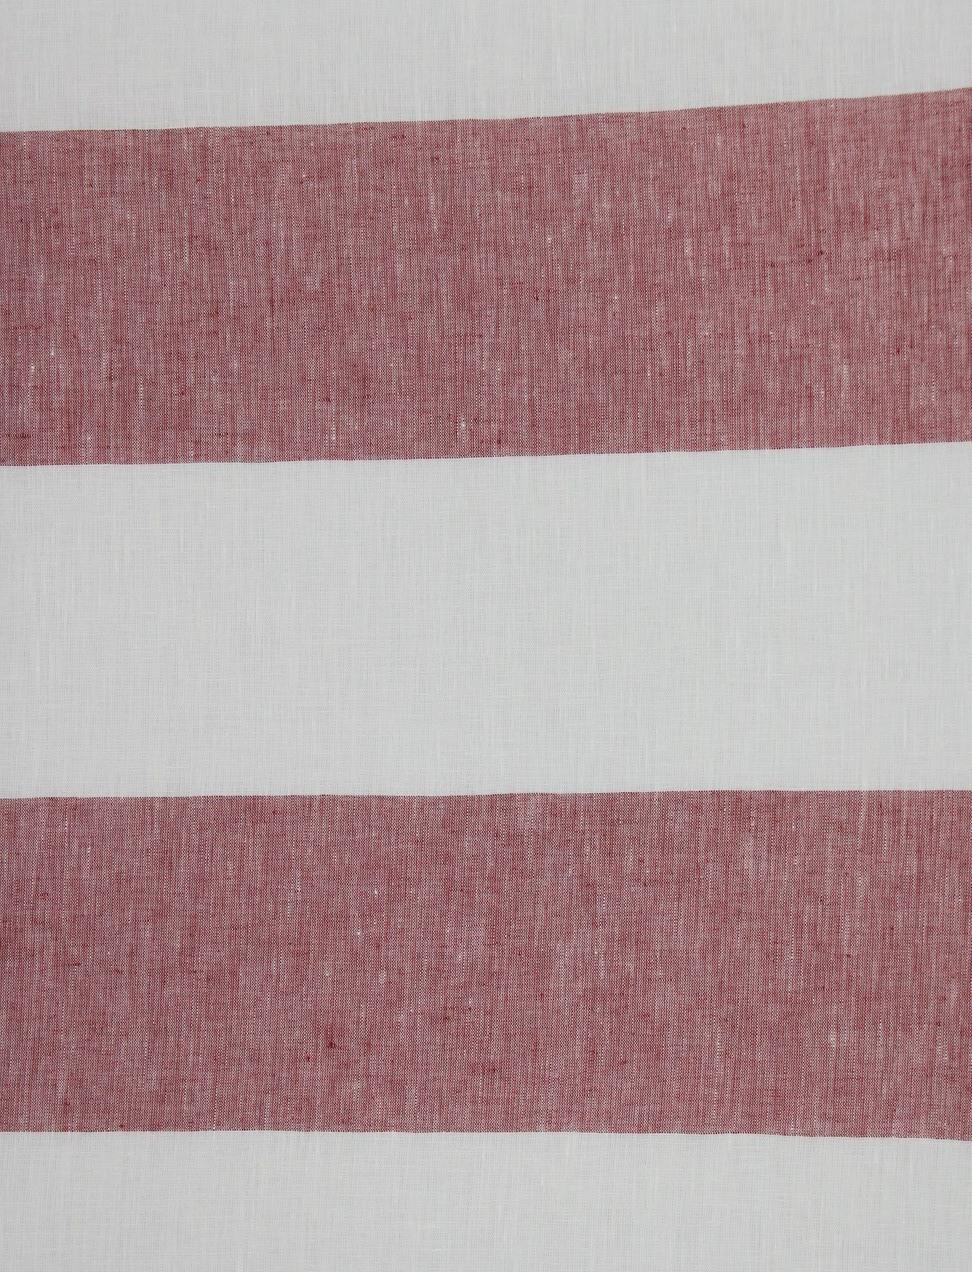 CERRO RIGATO Off White-Red Stripe cm 11